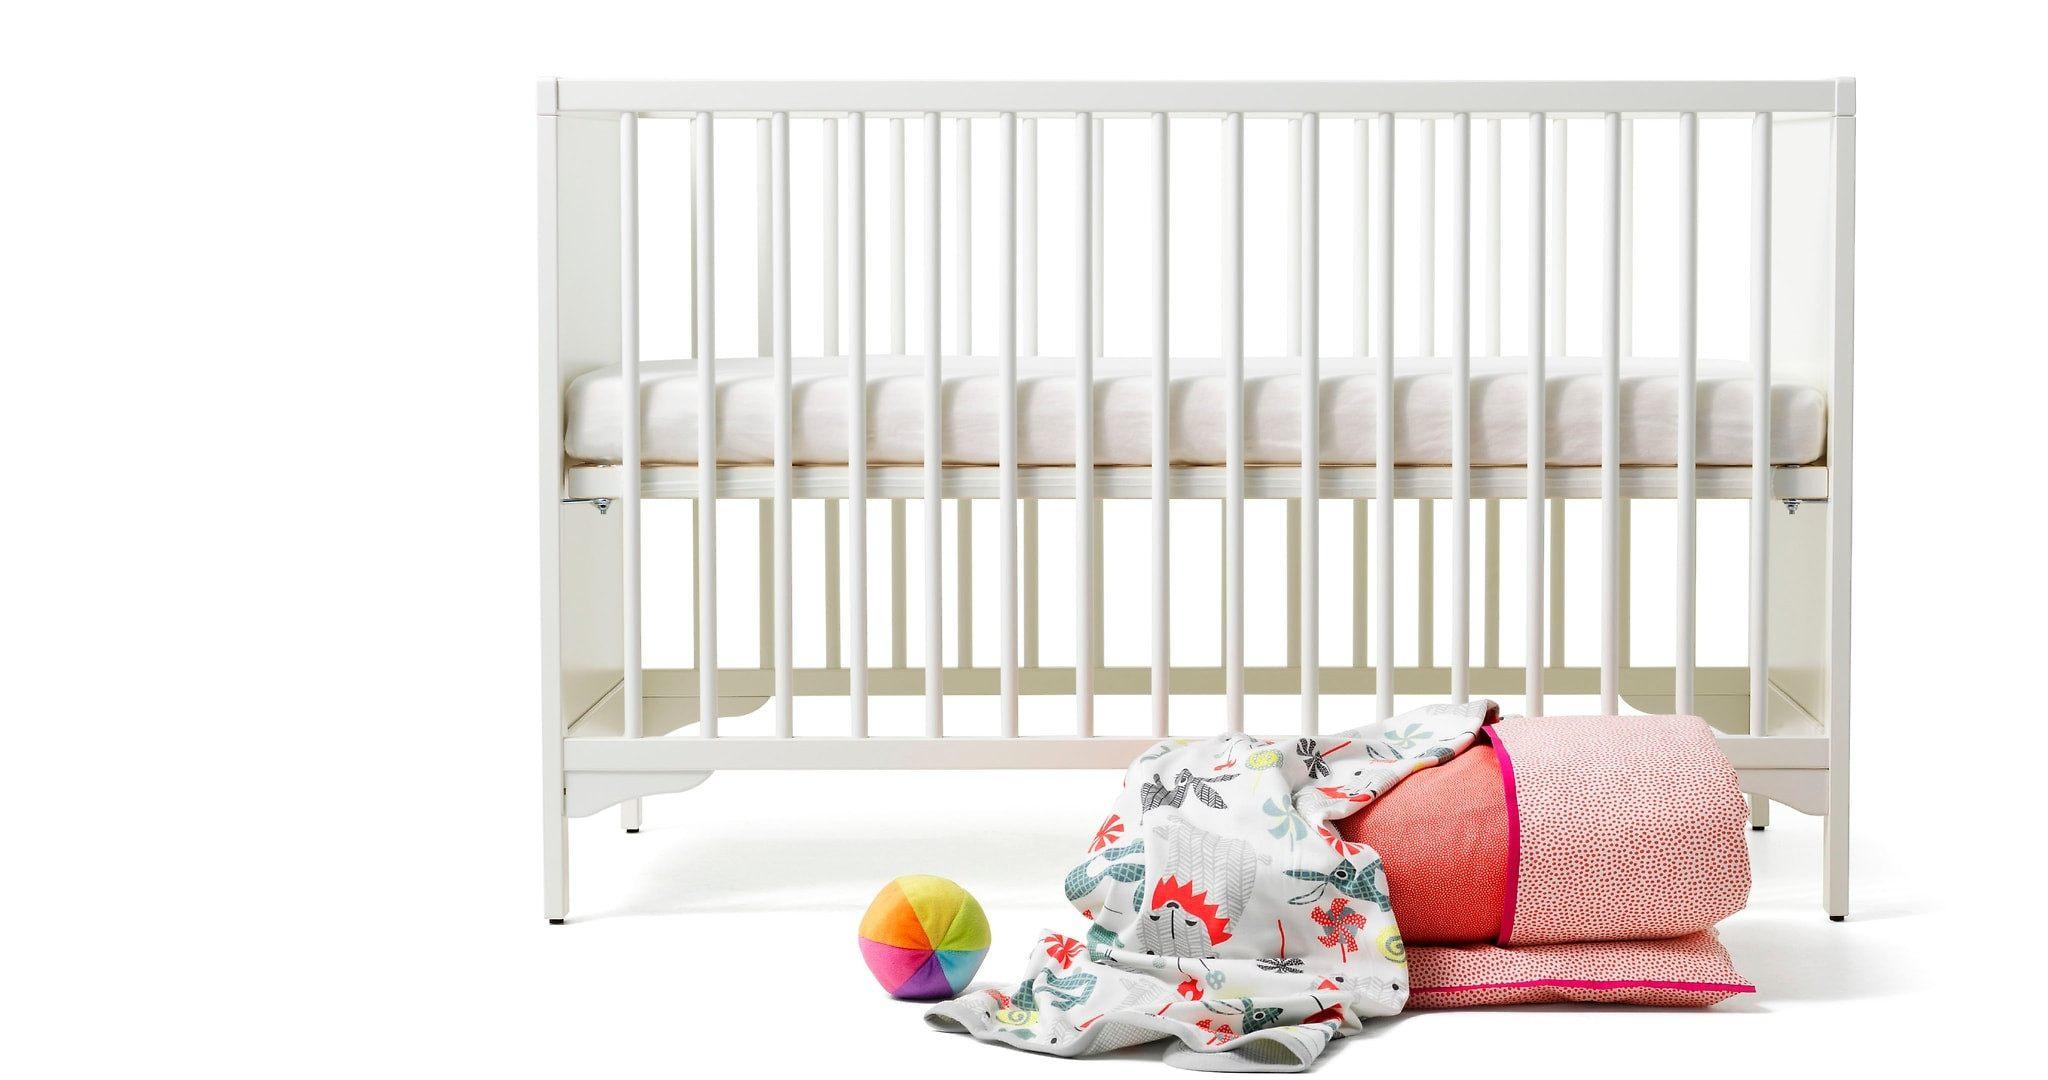 Lit Superposé Gris Joli Chaise Table Bébé Cuisine Pour Bebe Lovely Lit Ikea Bebe 12 Superpos